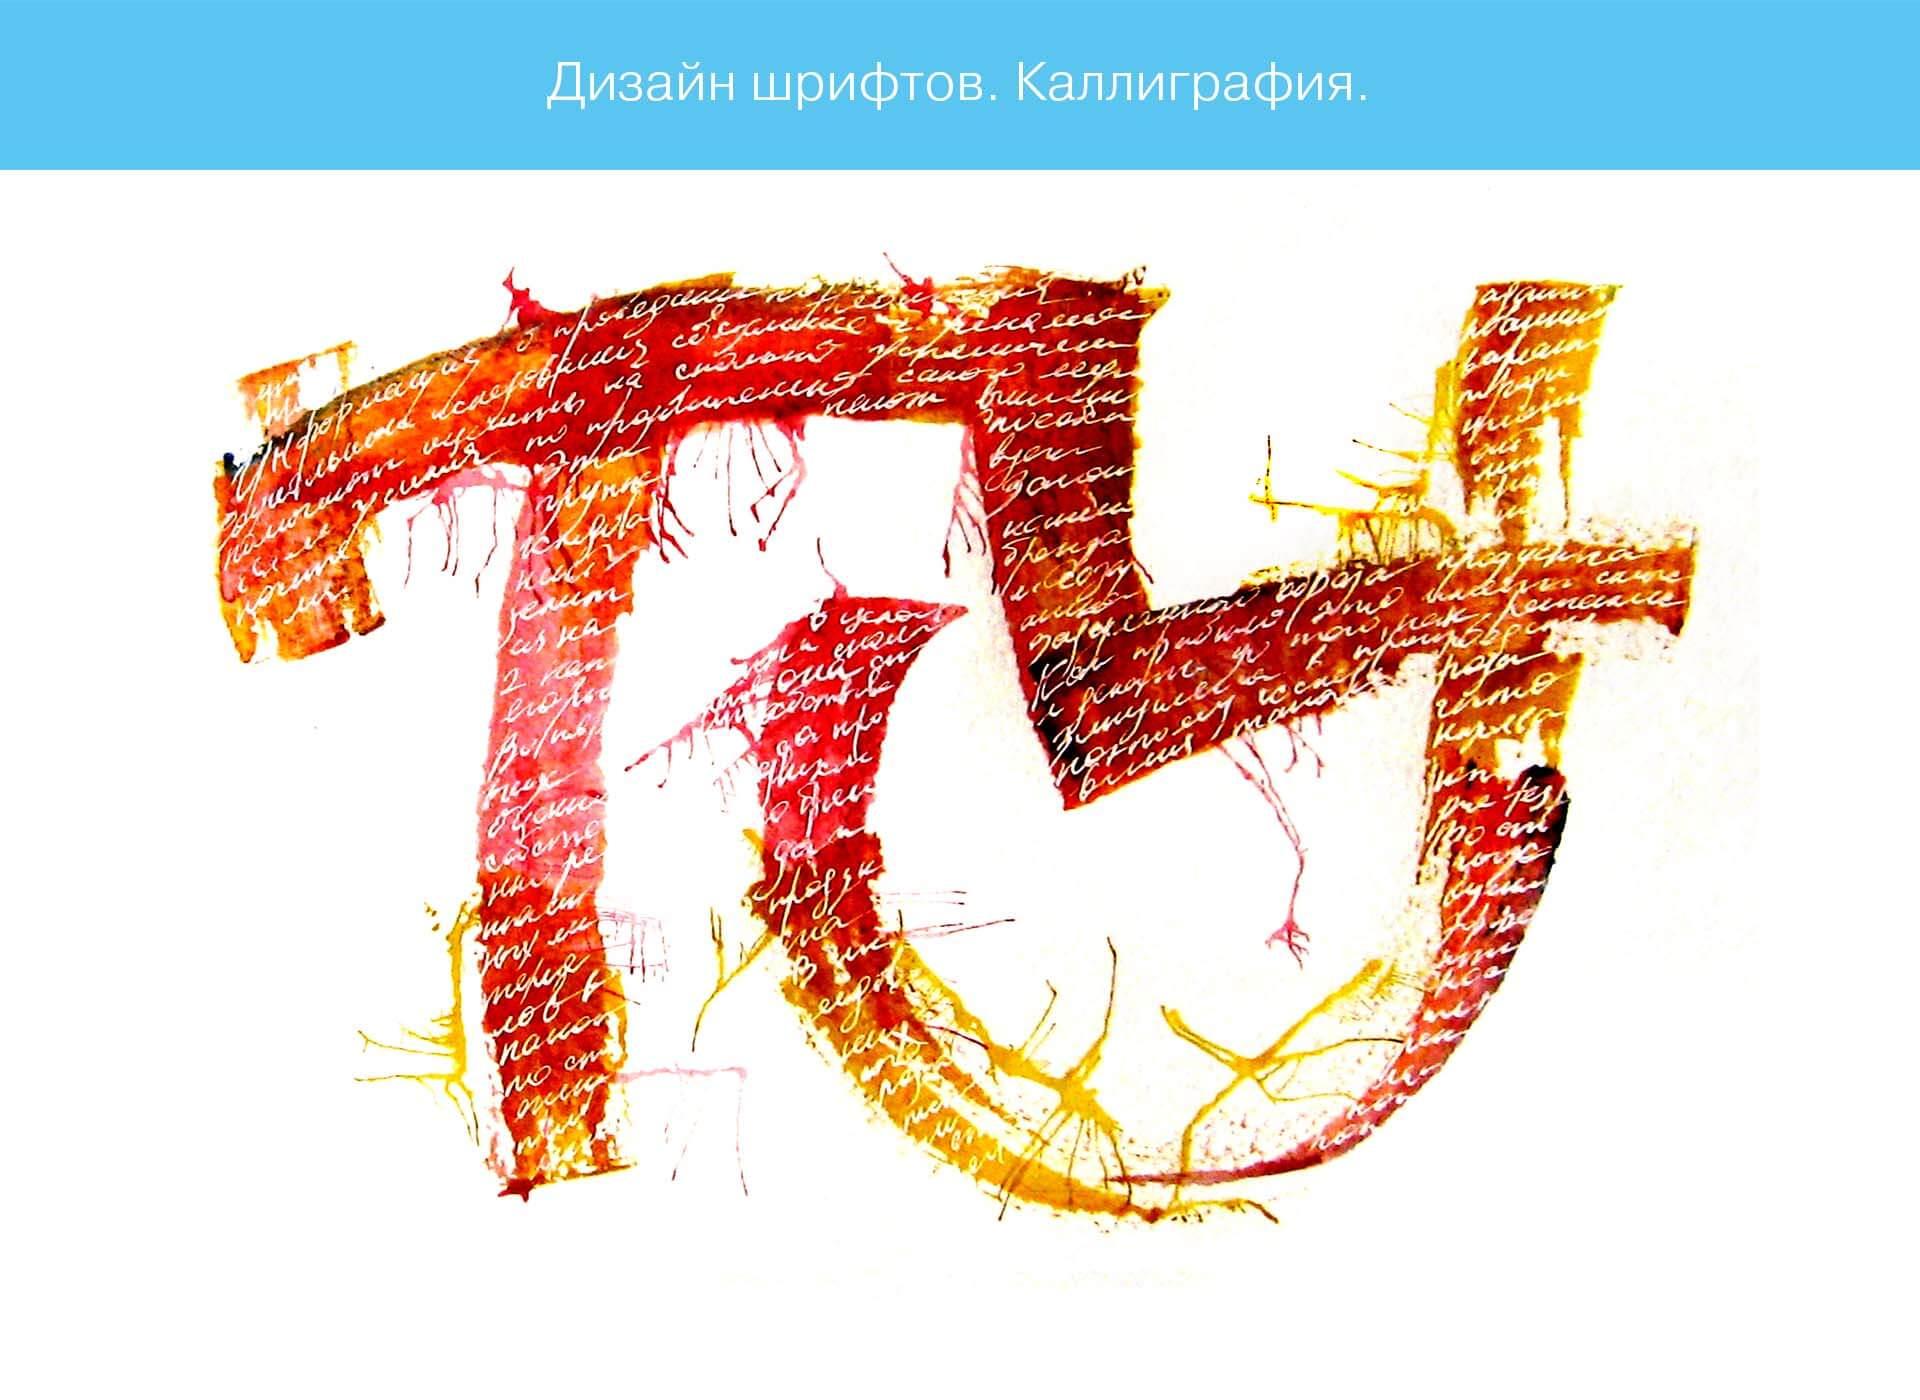 Prokochuk_Irina_font design_calligraphy_5